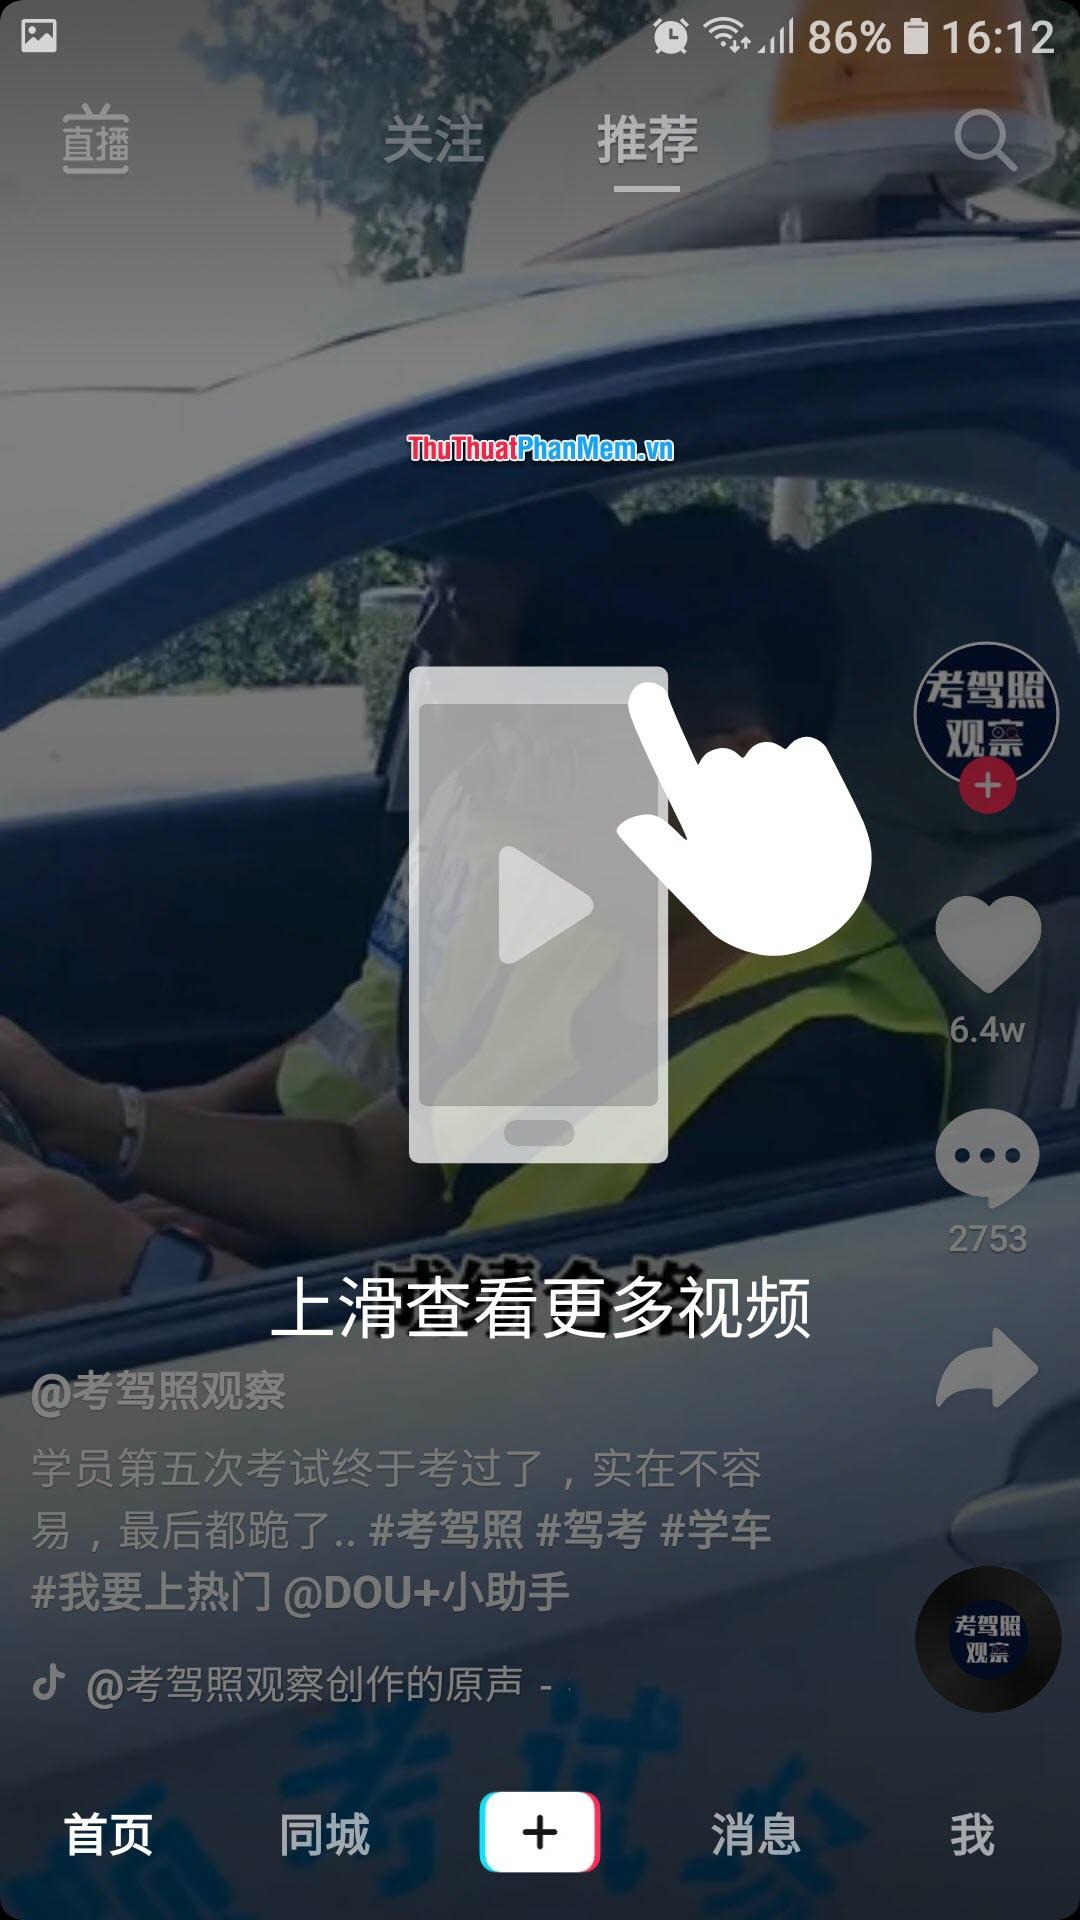 Bạn đã có thể sử dụng TikTok Trung Quốc để xem video của họ